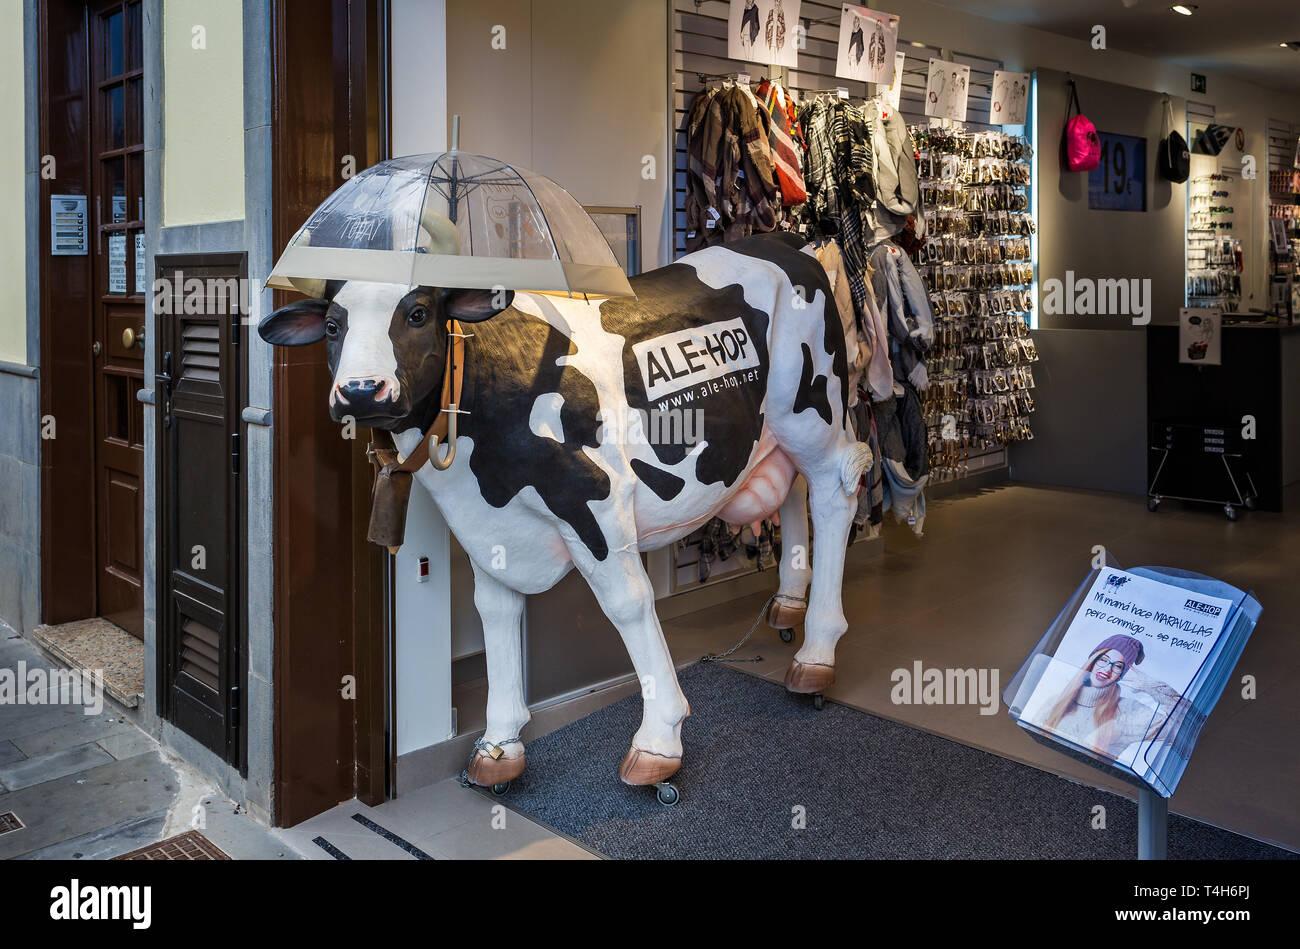 17debceda Large life size model of dairy cow with umbrella outside shop in Puerto de  la Cruz